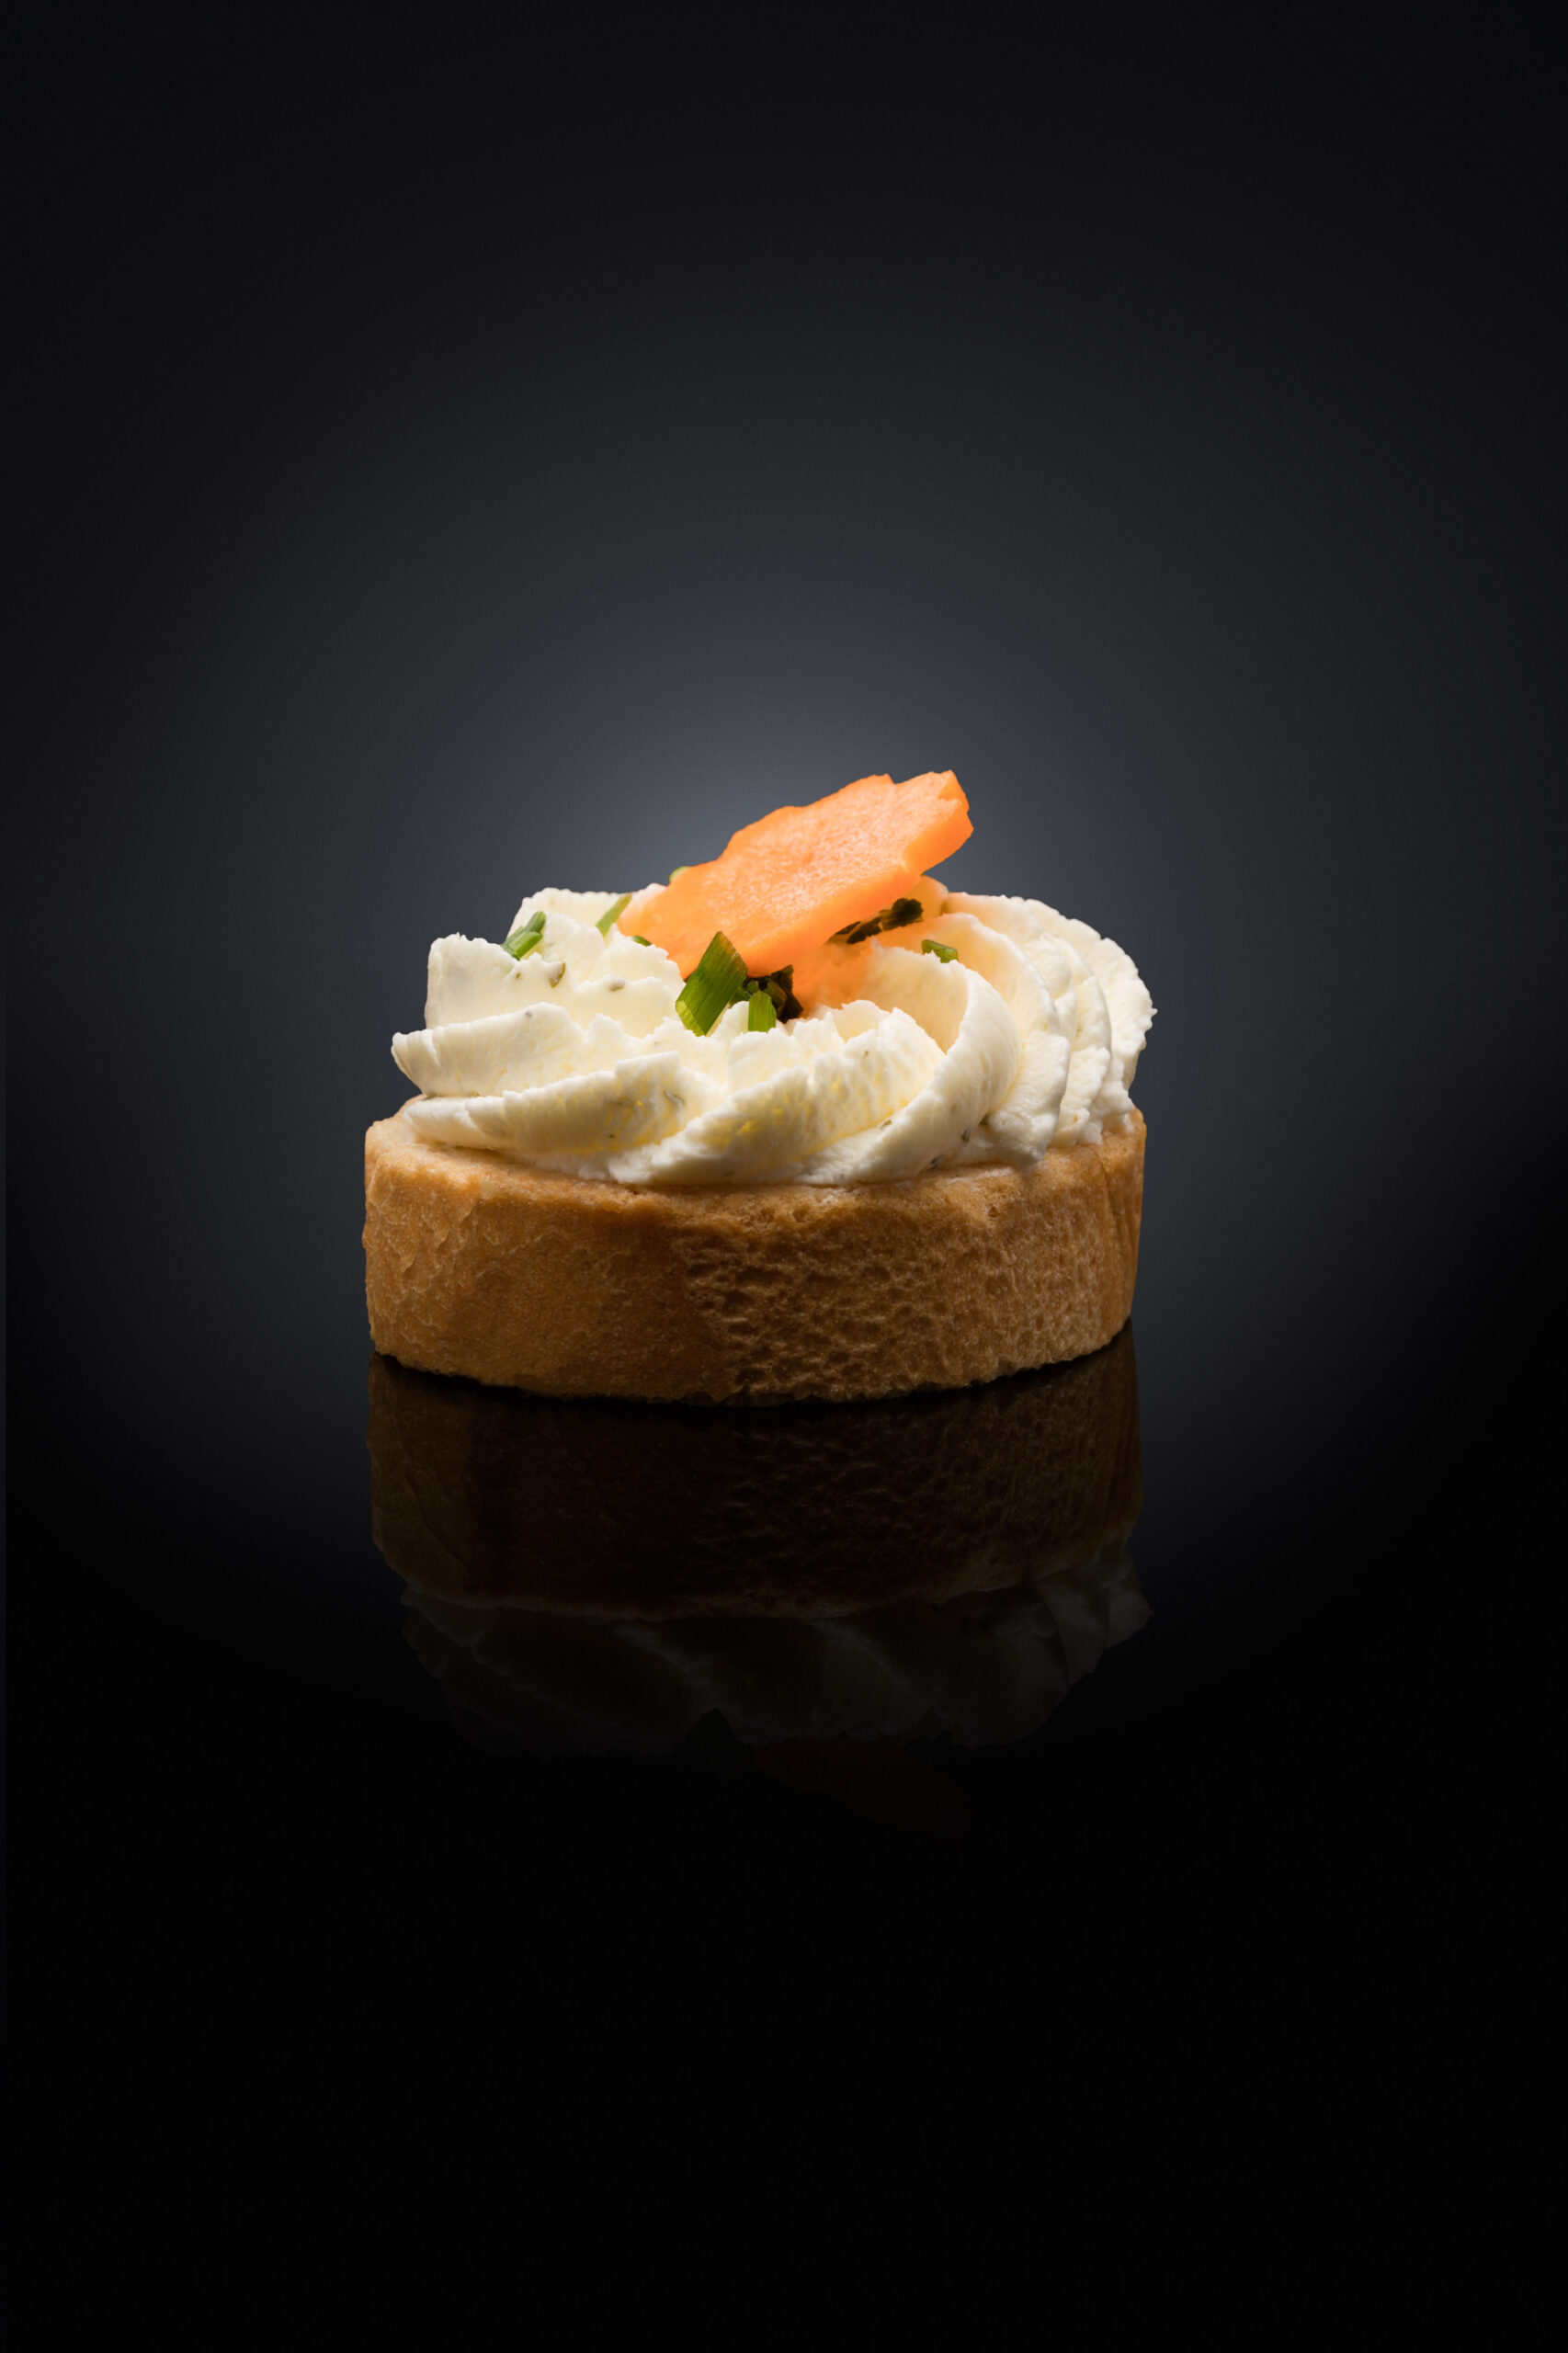 Meier & Kamer Foodfotografie: Apero von der Bäckerei Schillig, Bürglen